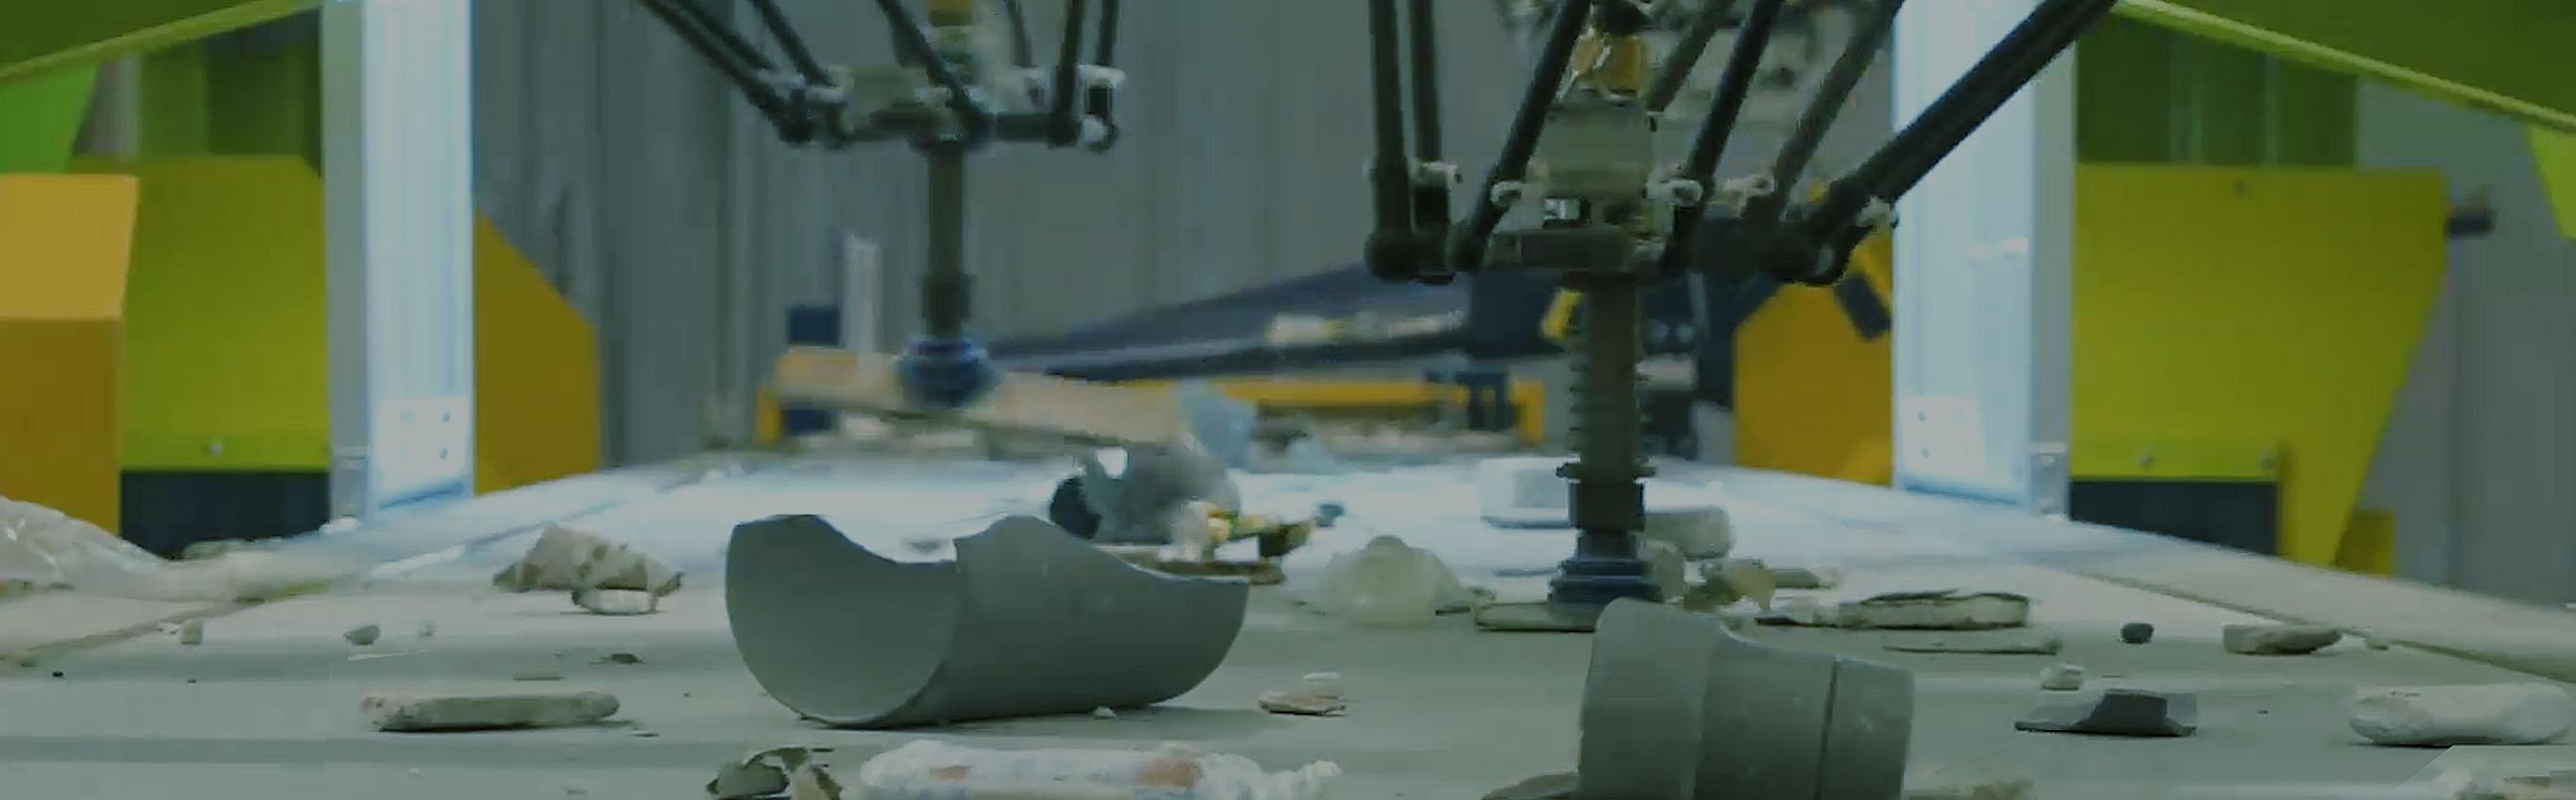 破砕機メーカーのリョーシン